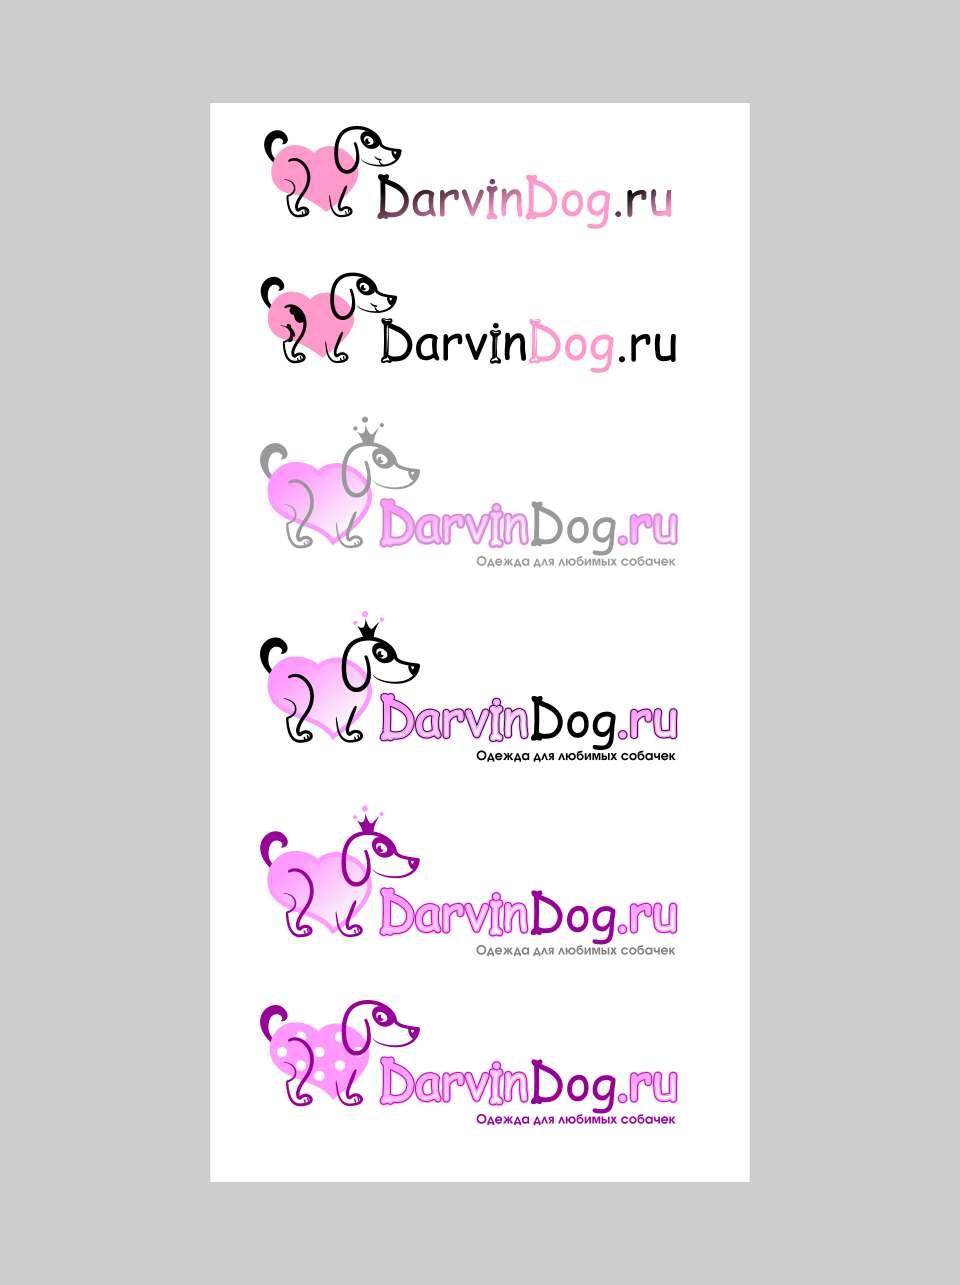 Создать логотип для интернет магазина одежды для собак фото f_1795652084094336.jpg